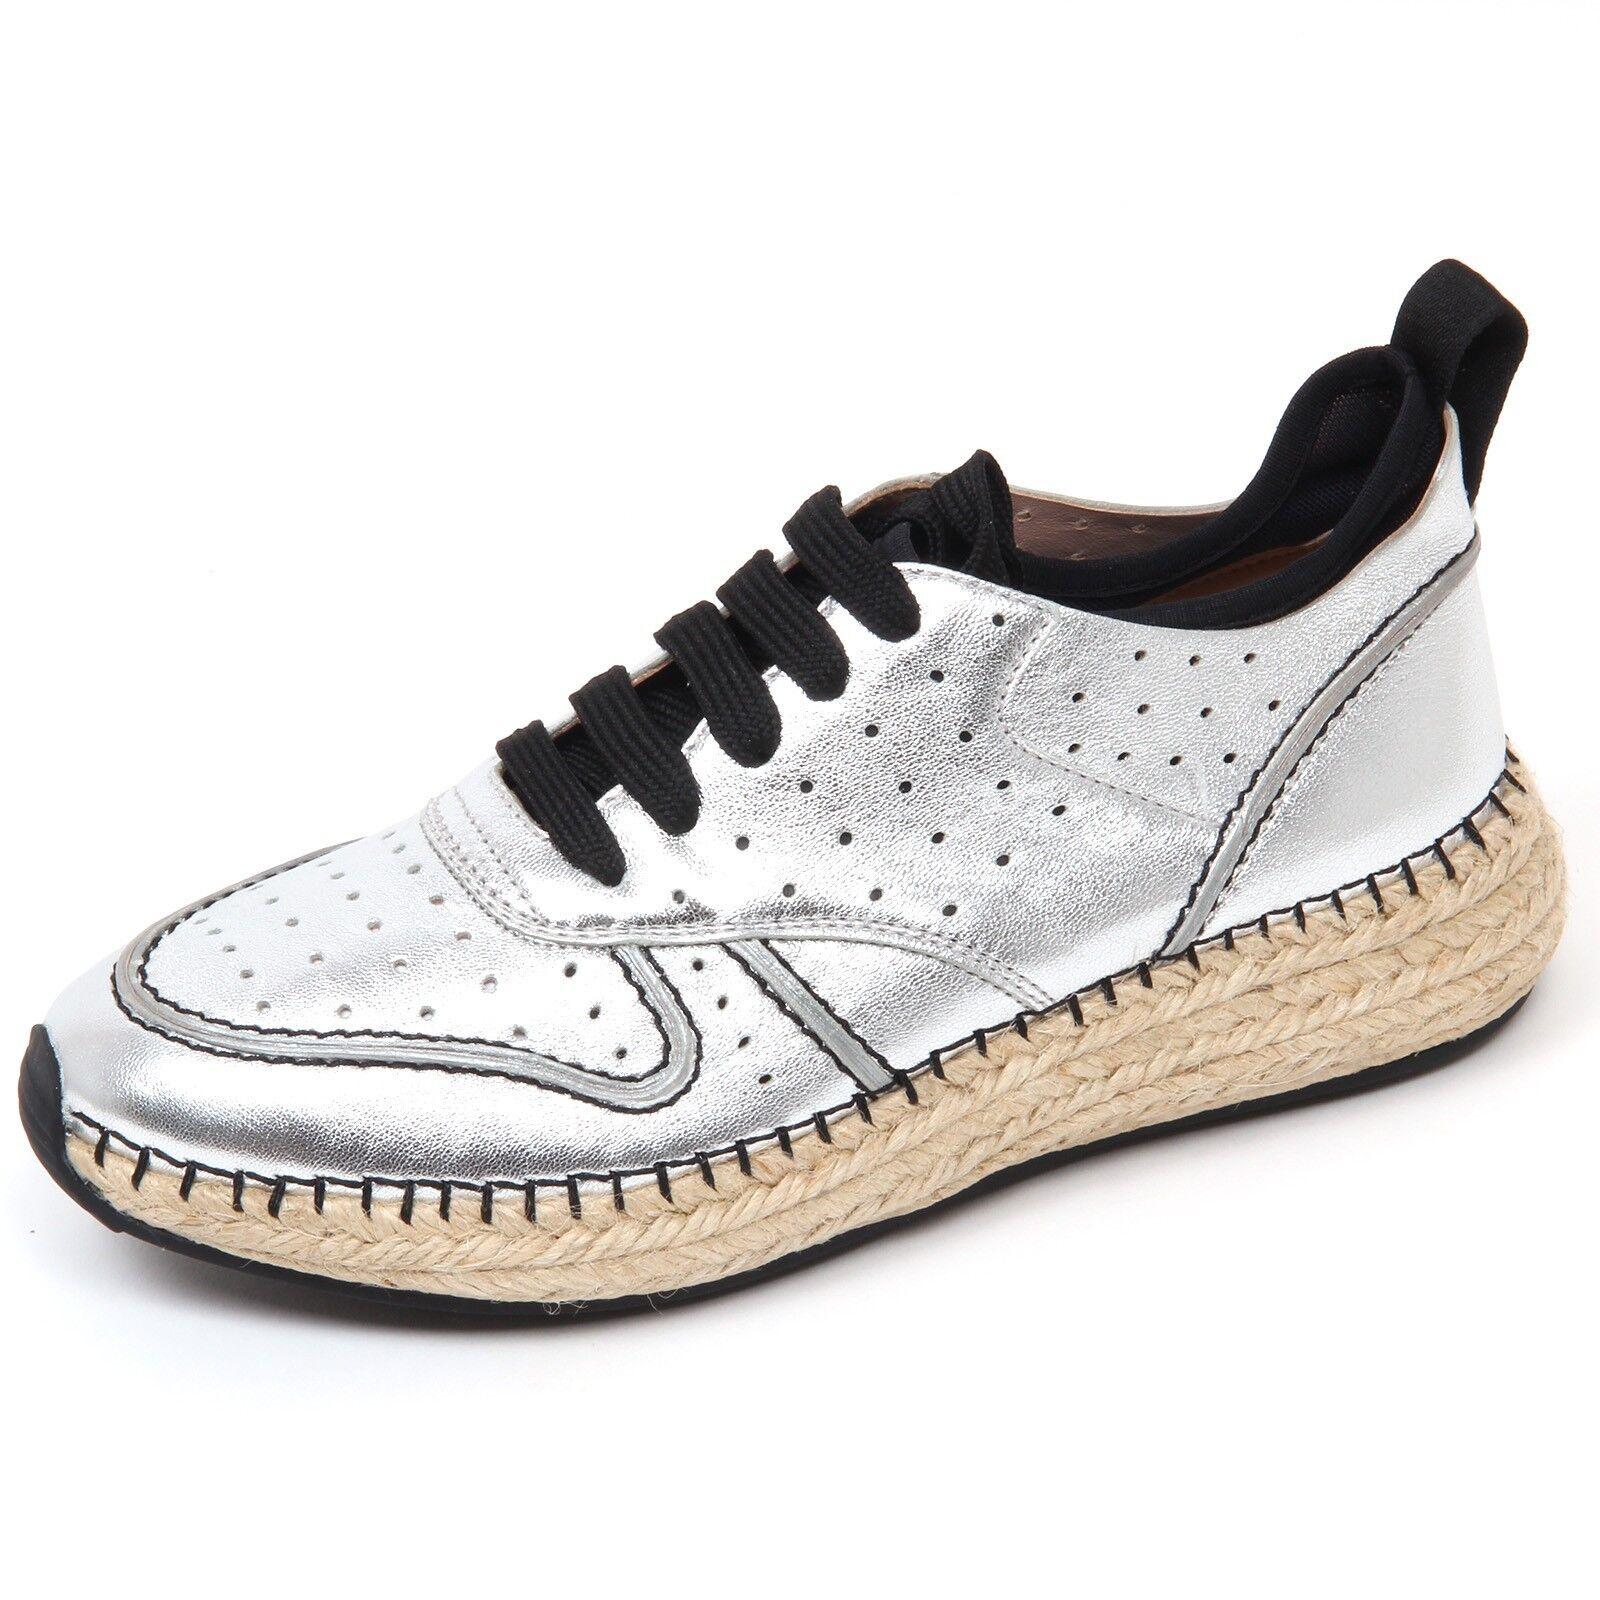 Venta de liquidación de temporada Barato y cómodo D0484 sneaker donna TOD'S scarpa run rafia 29A forata argento/nero shoe woman